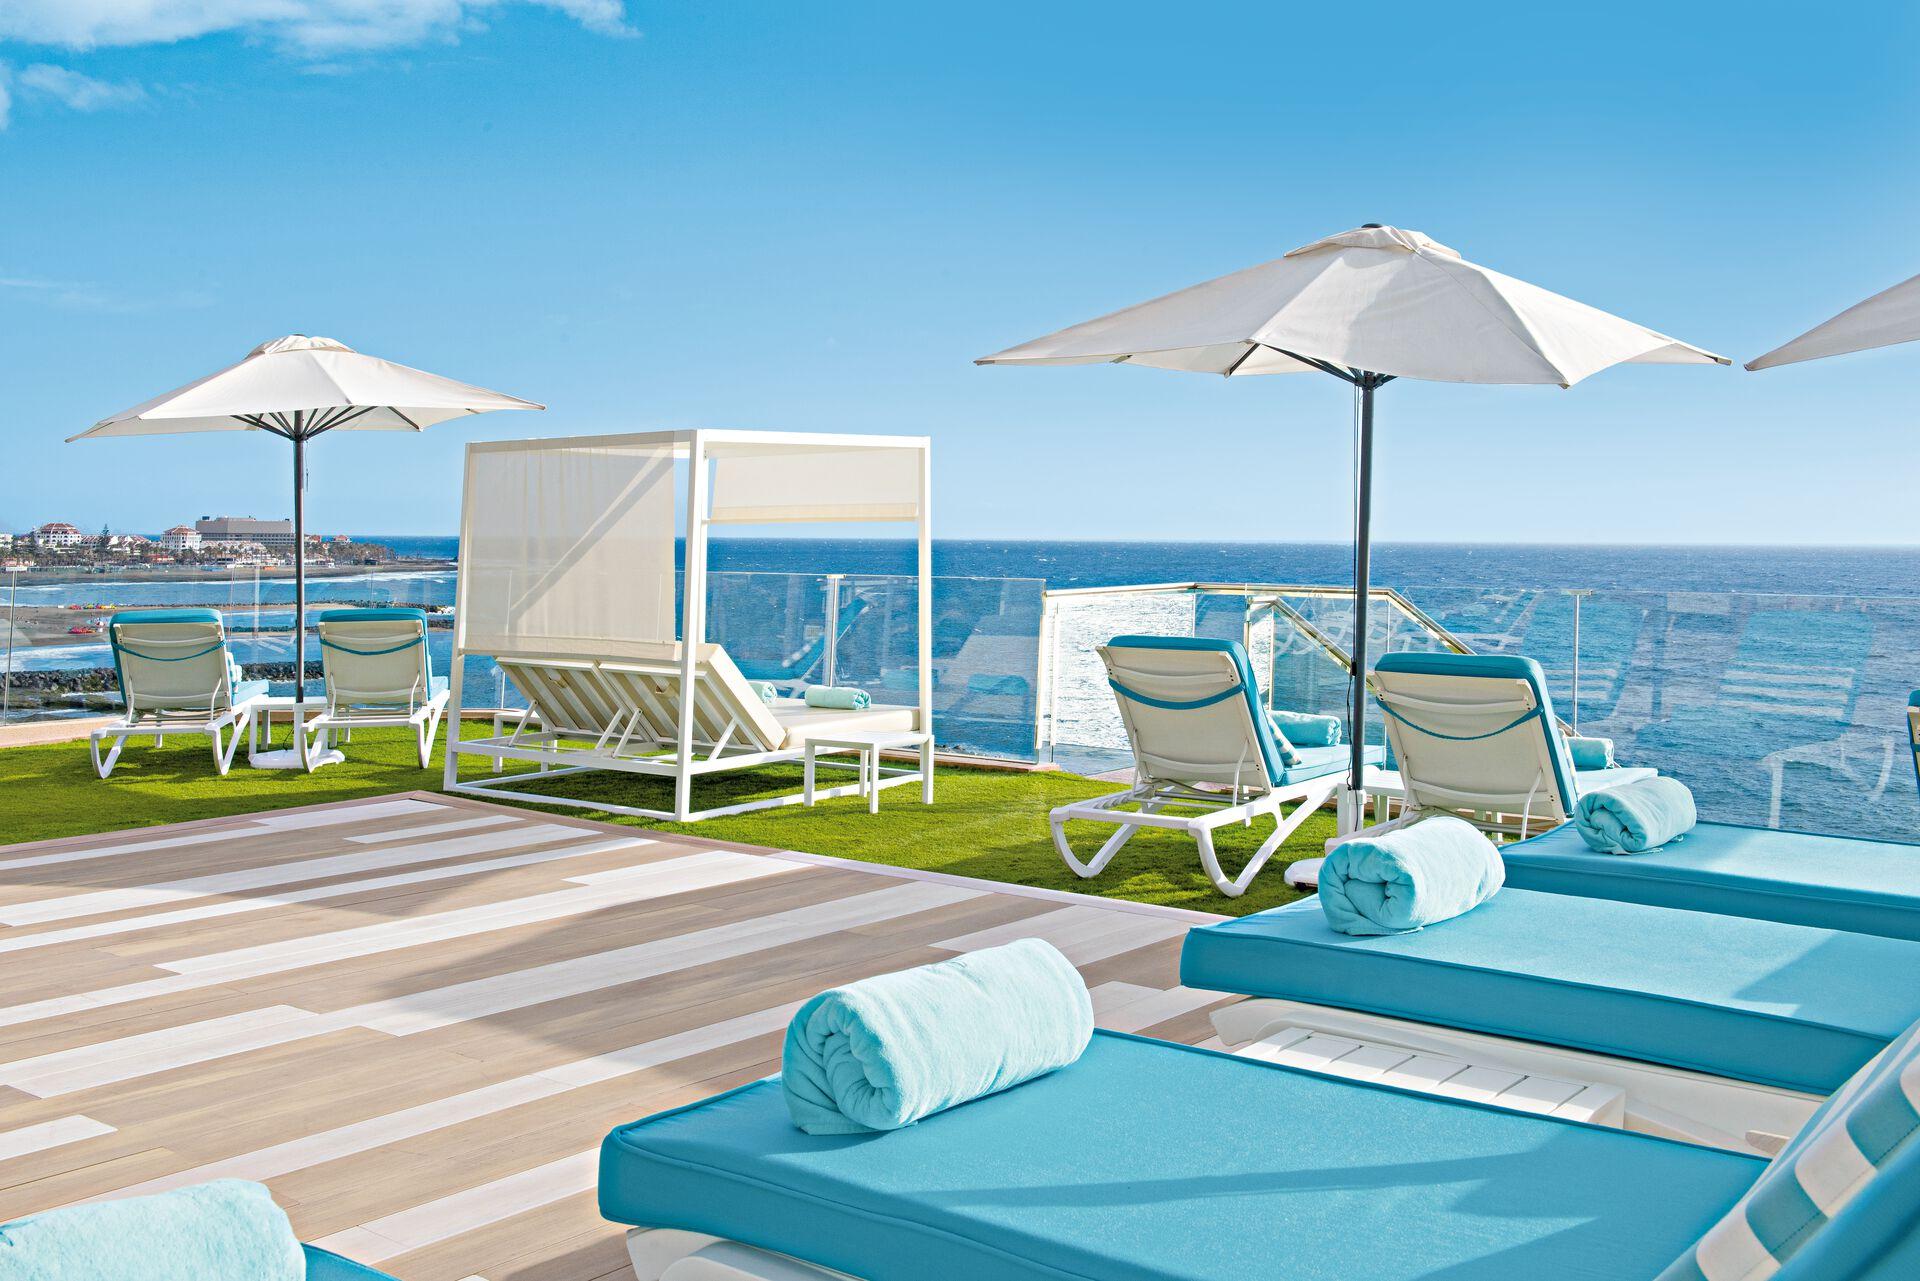 Séjour Tenerife - Iberostar Bouganville Playa - 4*